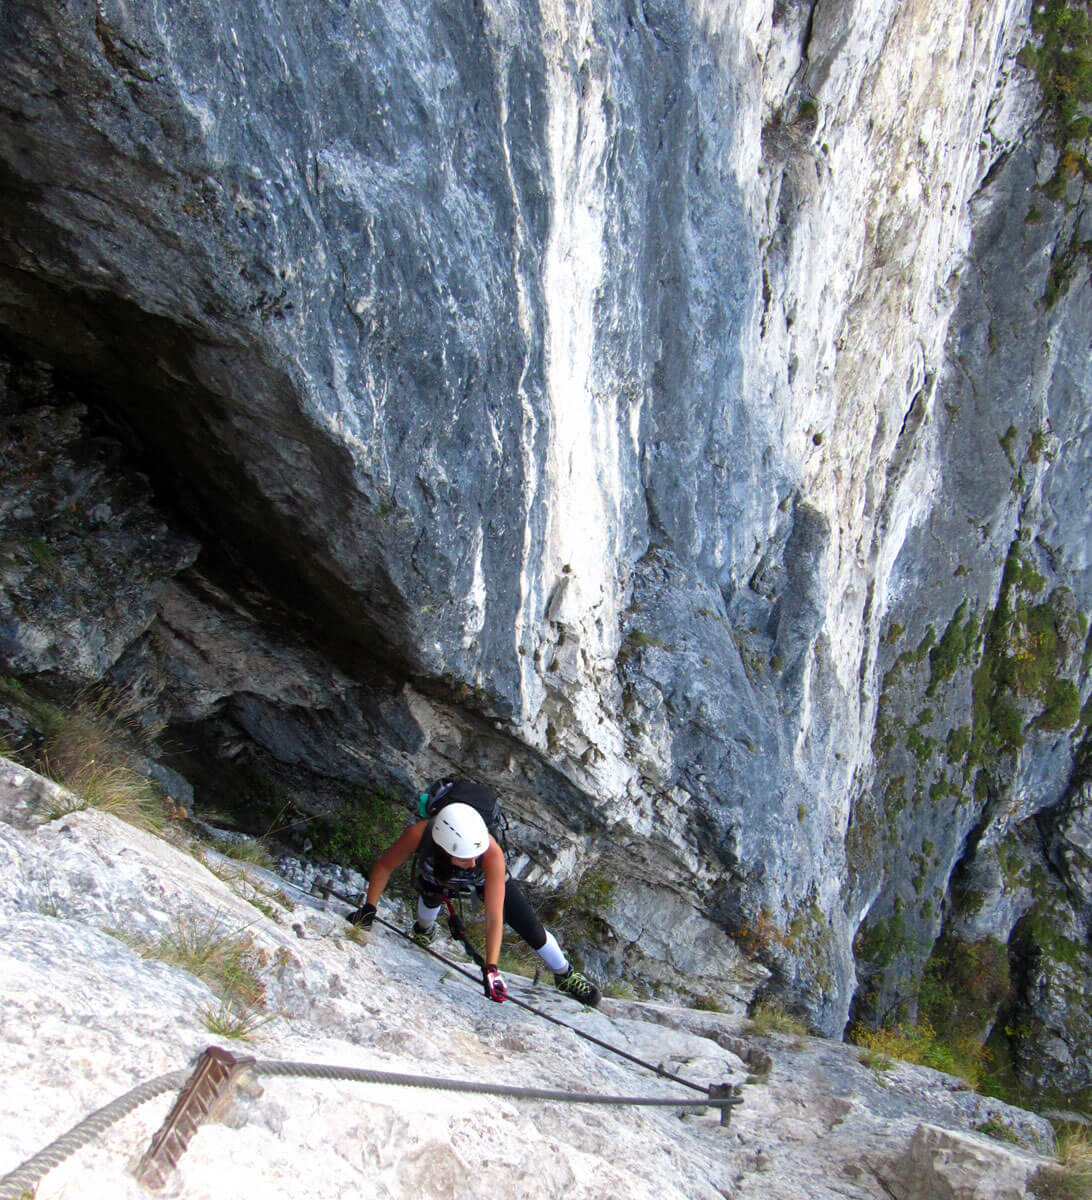 mahdlgupf klettersteig 1 - Attersee Klettersteig auf den Mahdlgupf - Impressionen